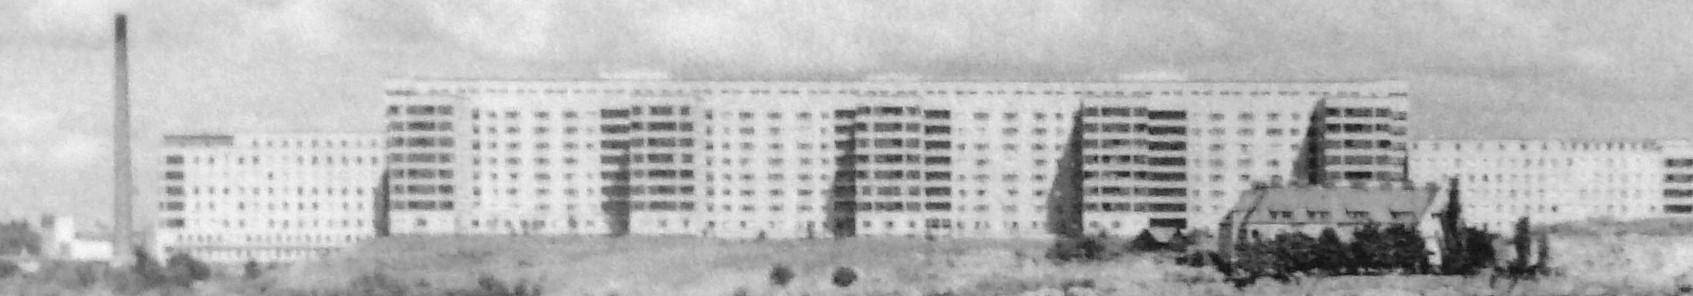 O hospital de Södermalm, Estocolmo (Södersjukhuset), em 1951.